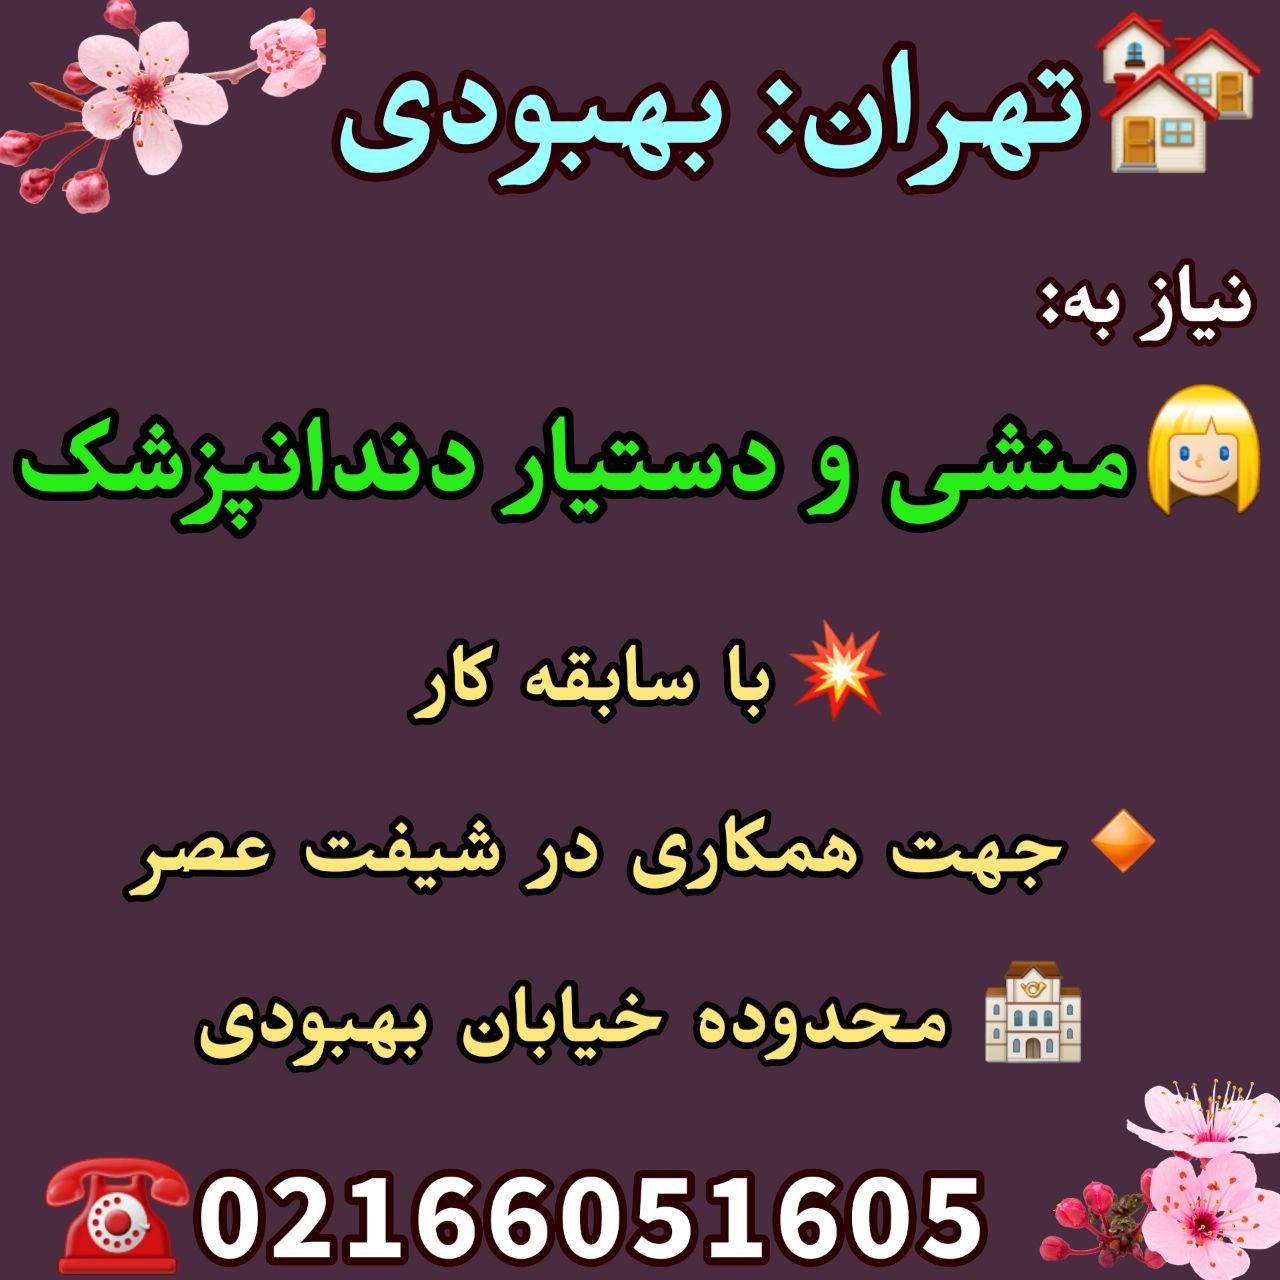 تهران: بهبودی، نیاز به منشی و دستیار دندانپزشک